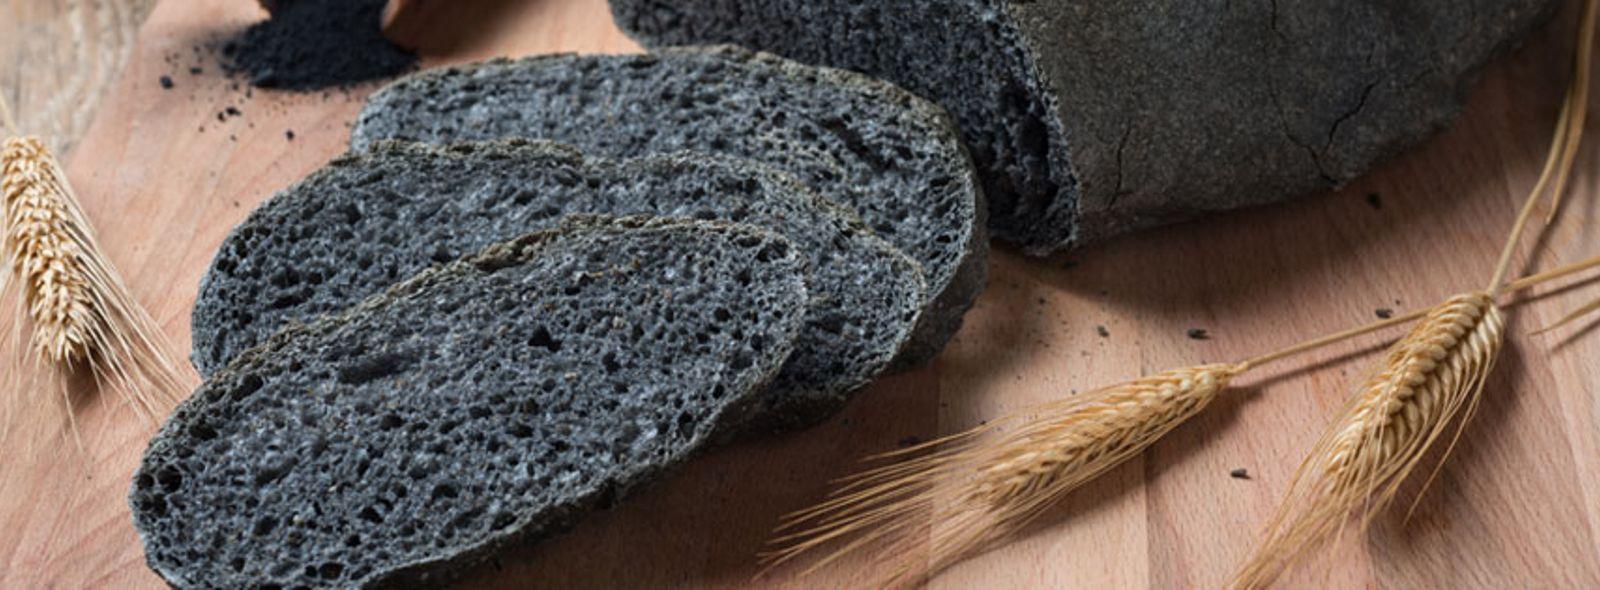 Il carbone vegetale in pane e pizza fa male?